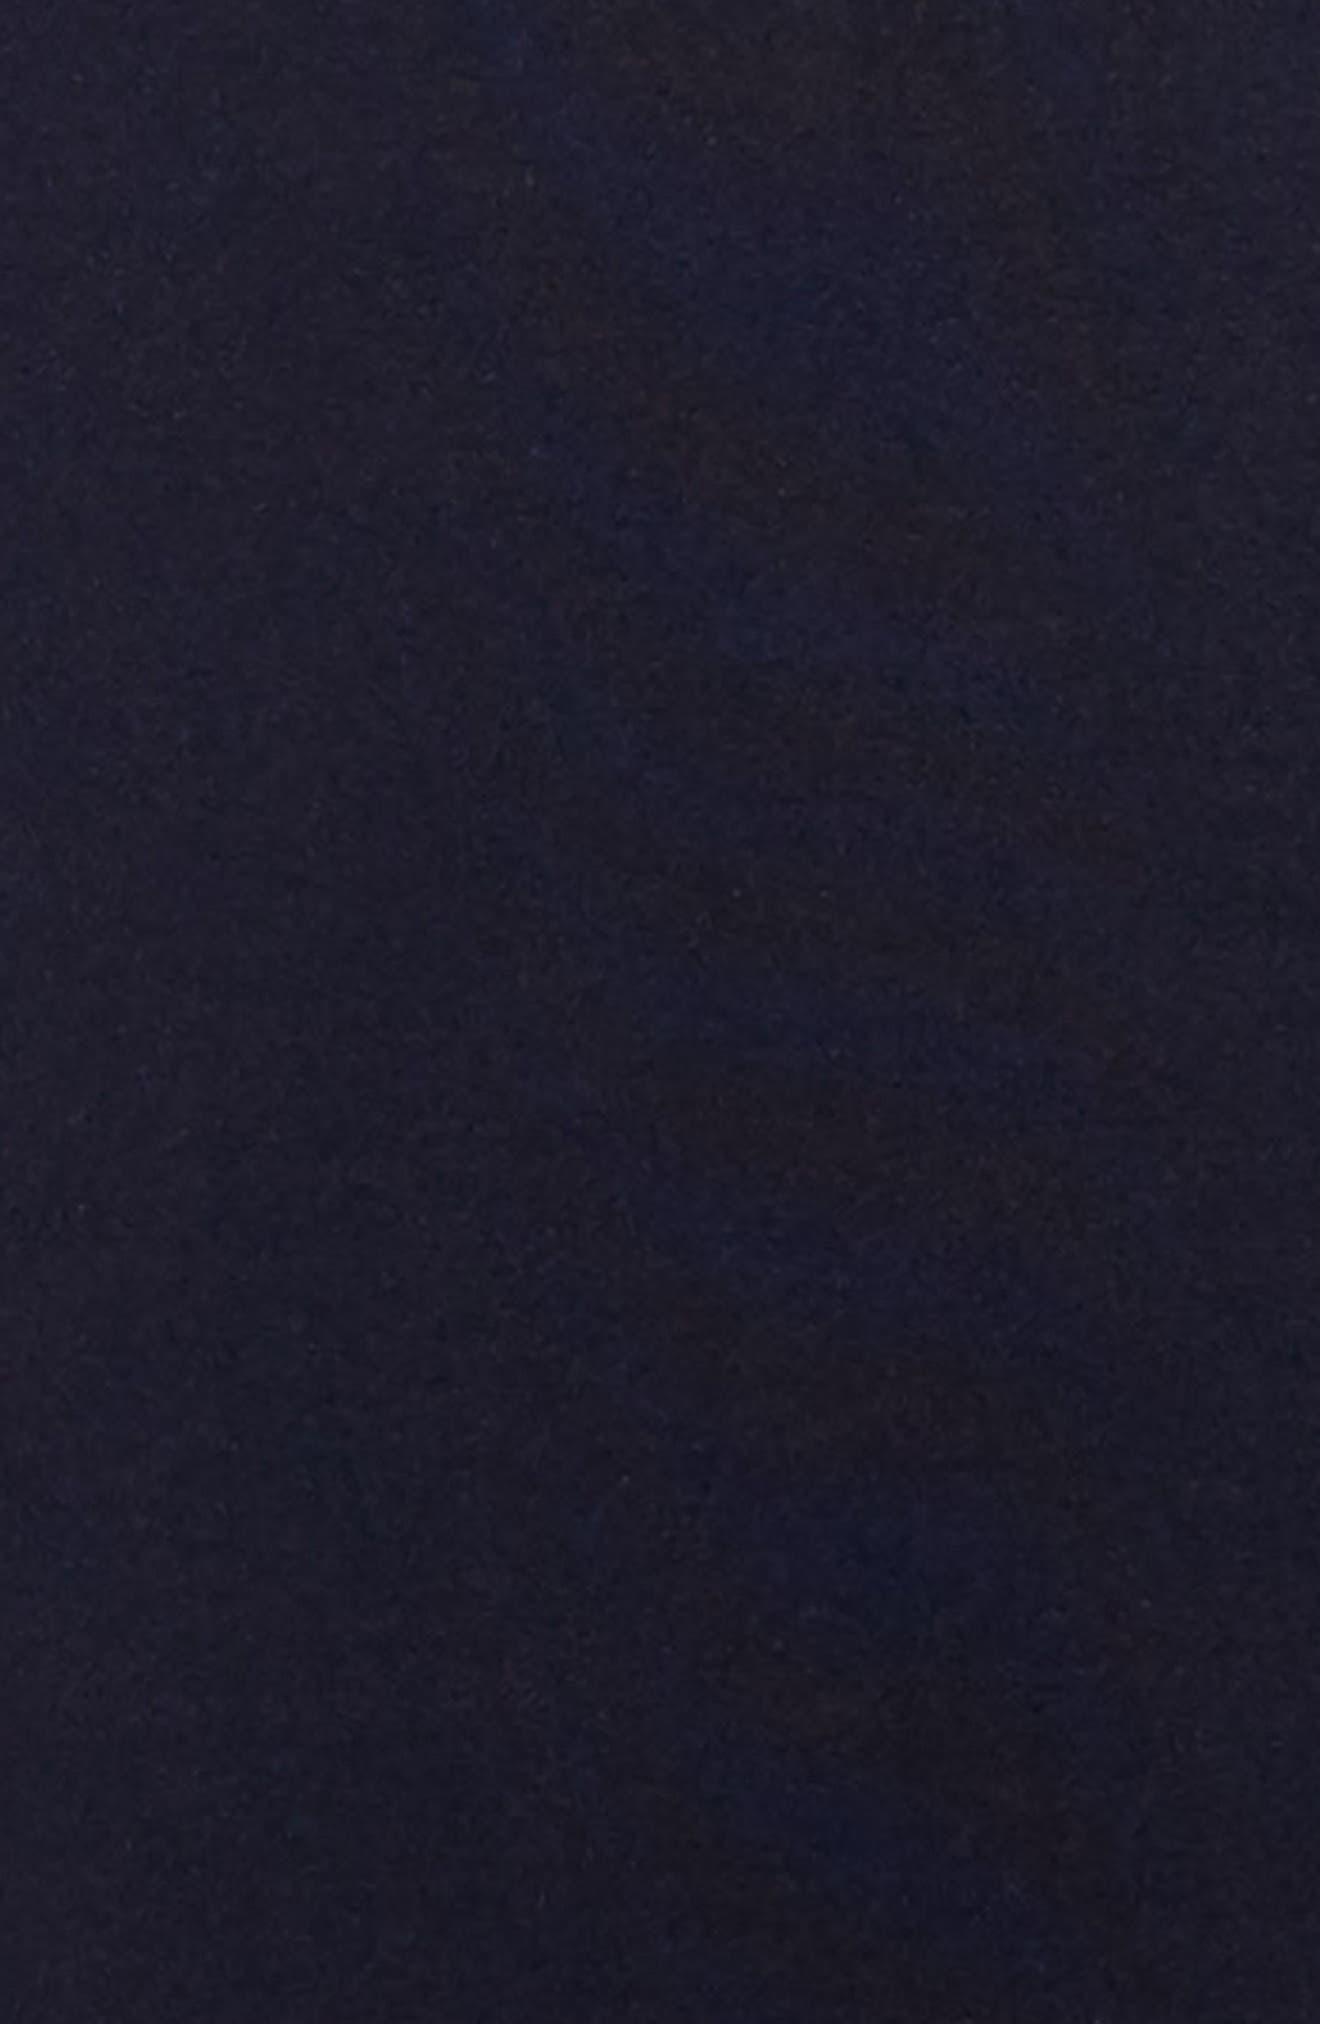 Monster Scuba Dress,                             Alternate thumbnail 3, color,                             Navy